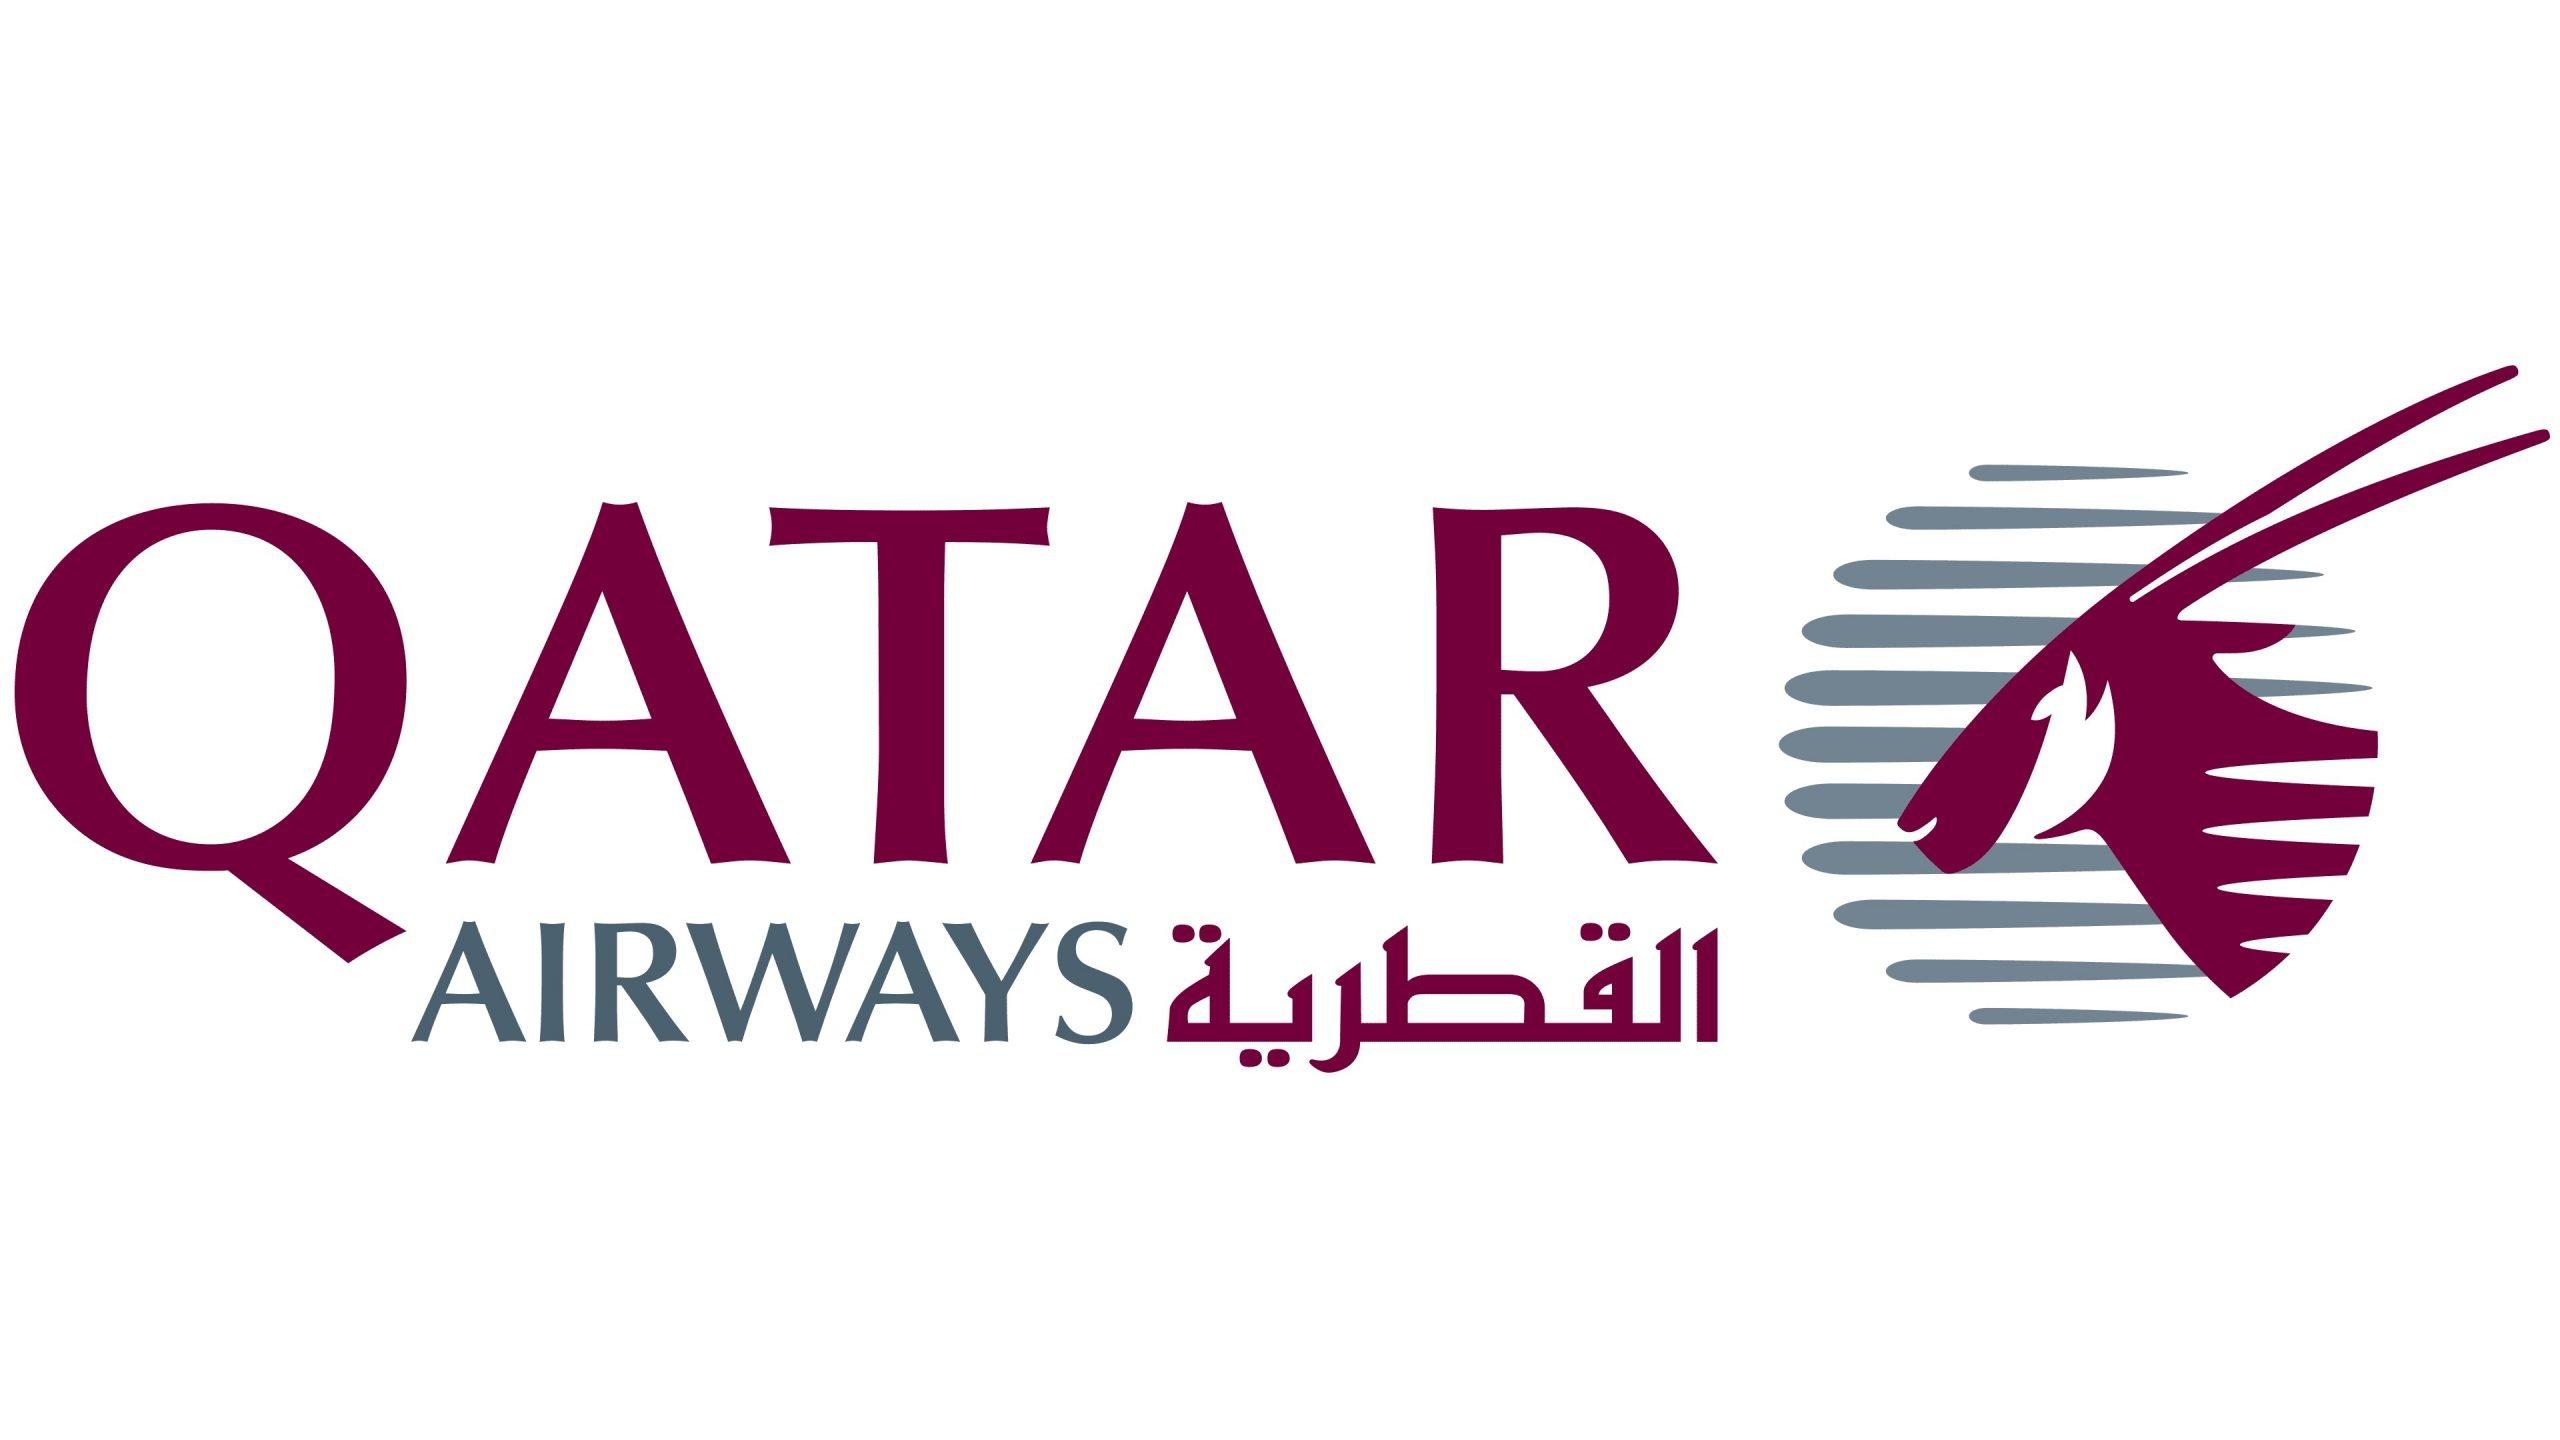 Qatar Airways Promo Code No Code Required